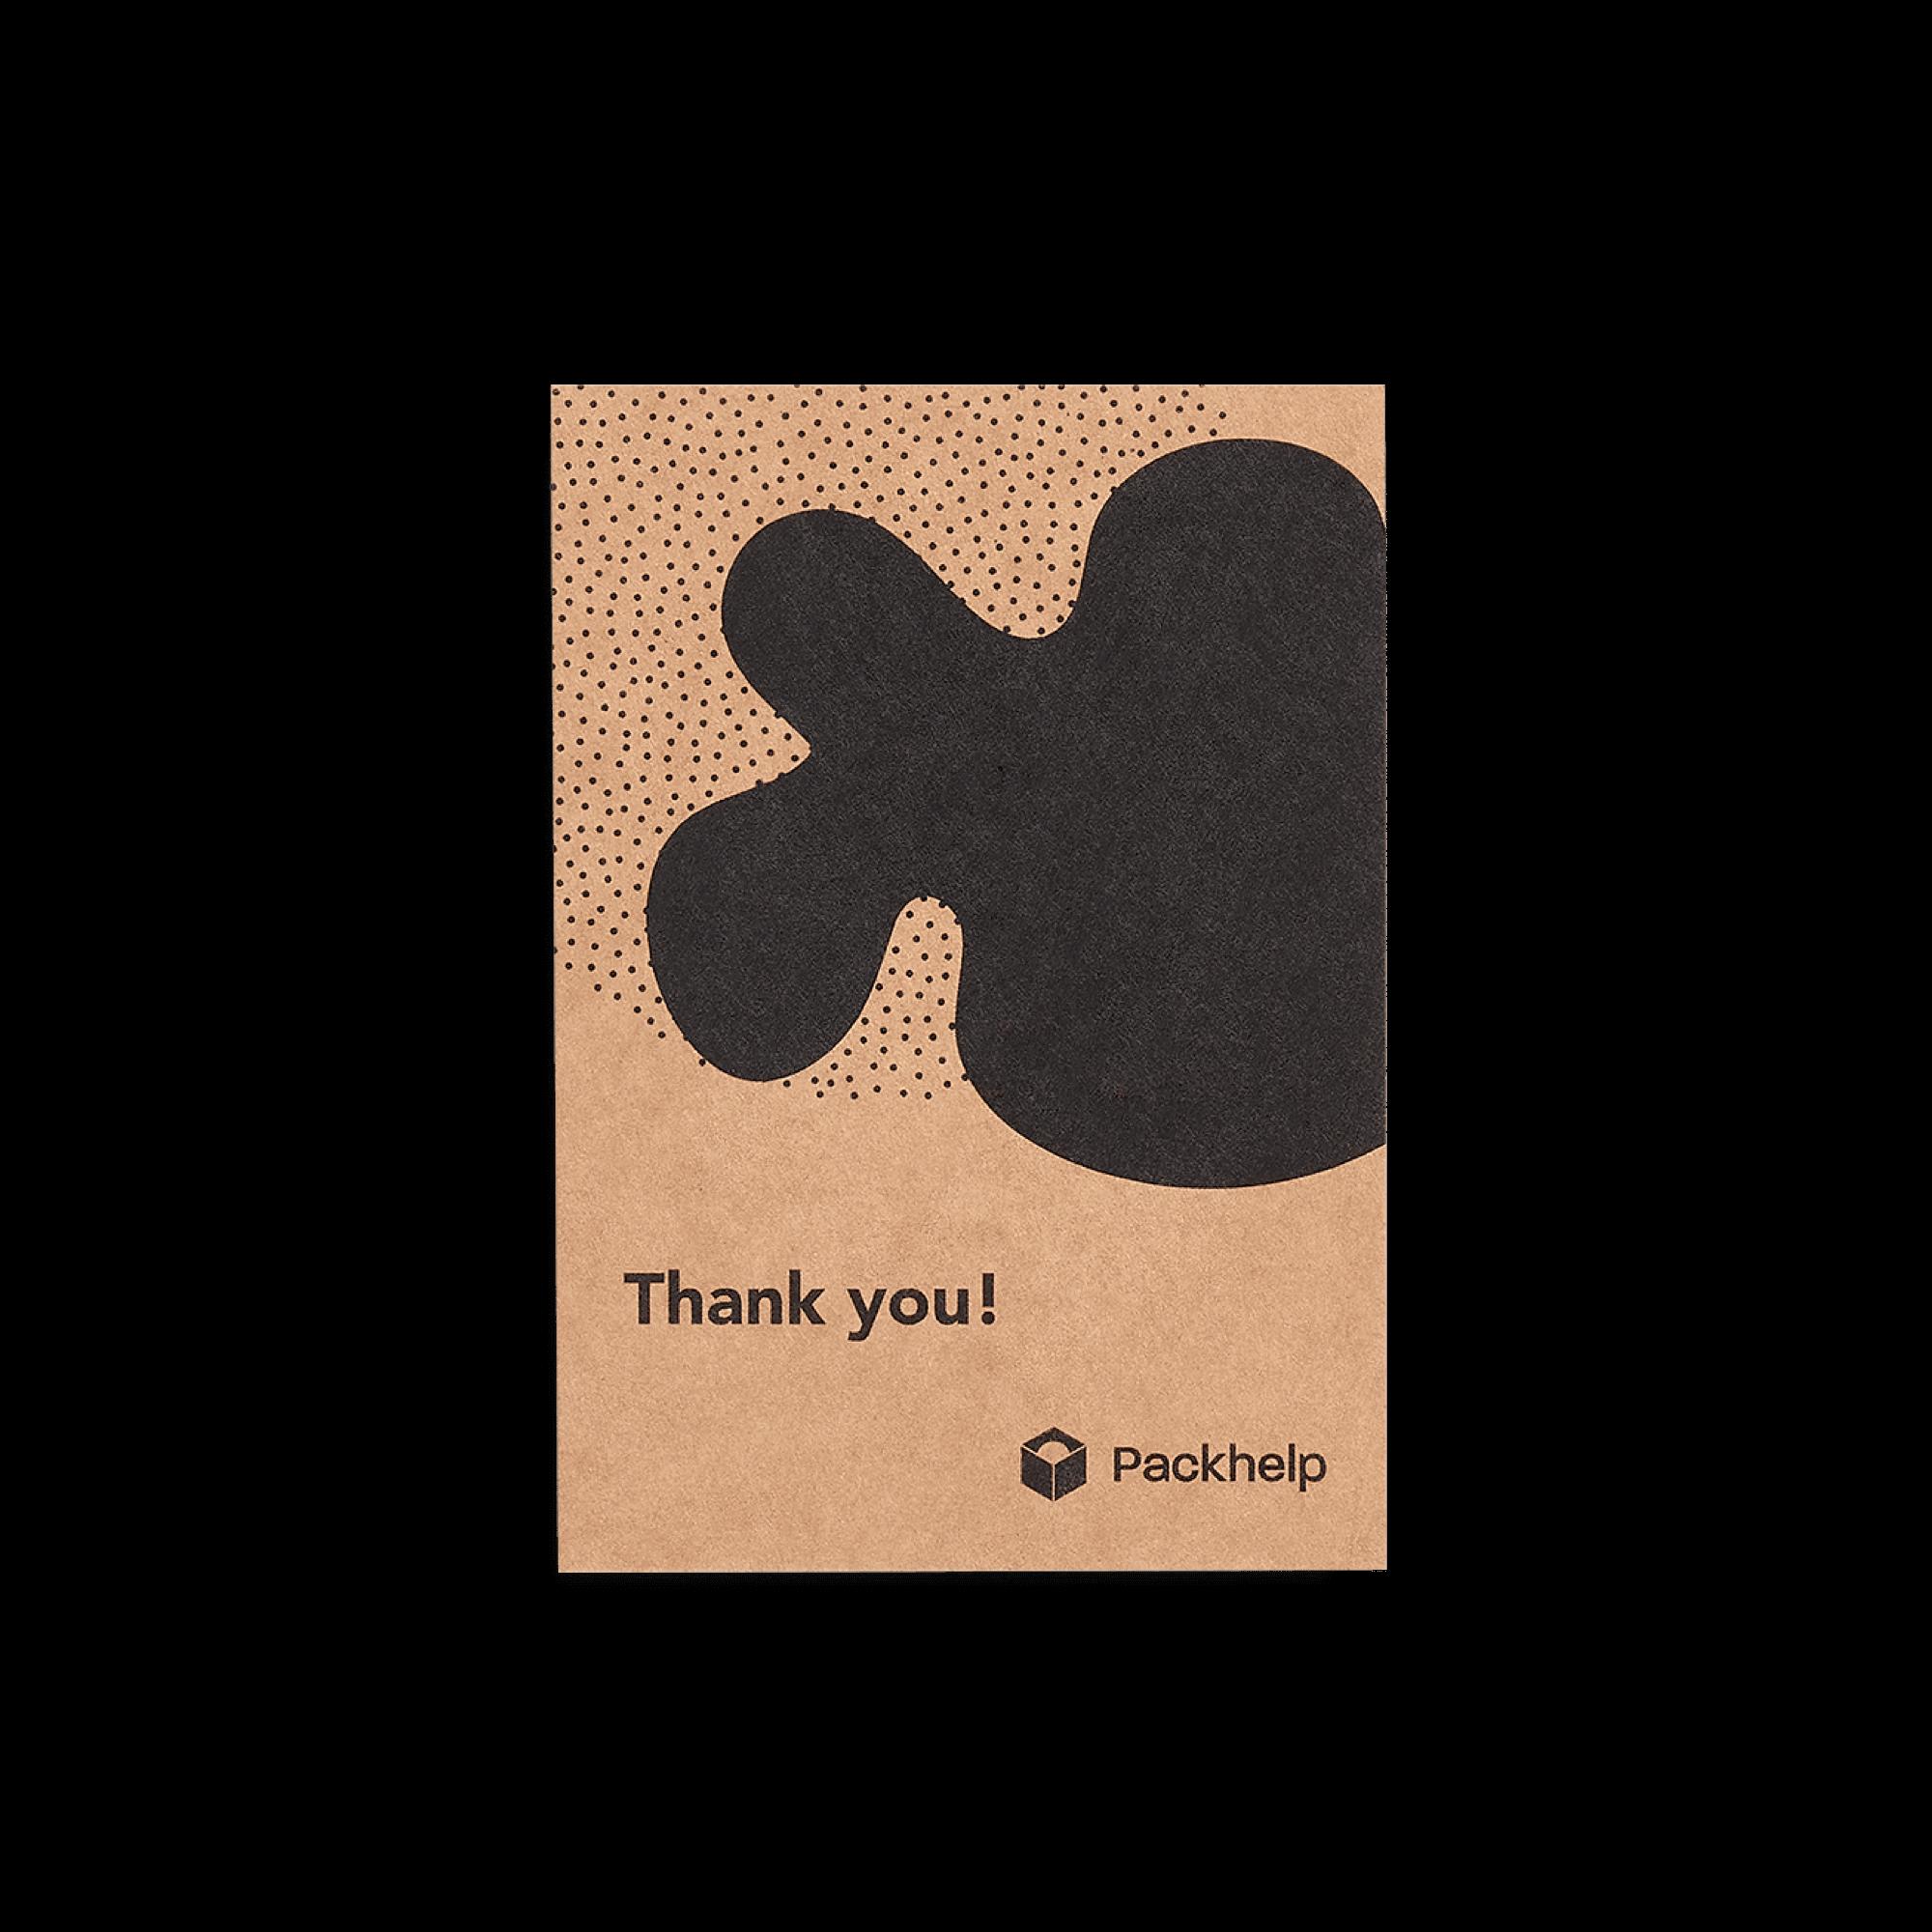 Biglietto di ringraziamento personalizzato kraft con stampa nera